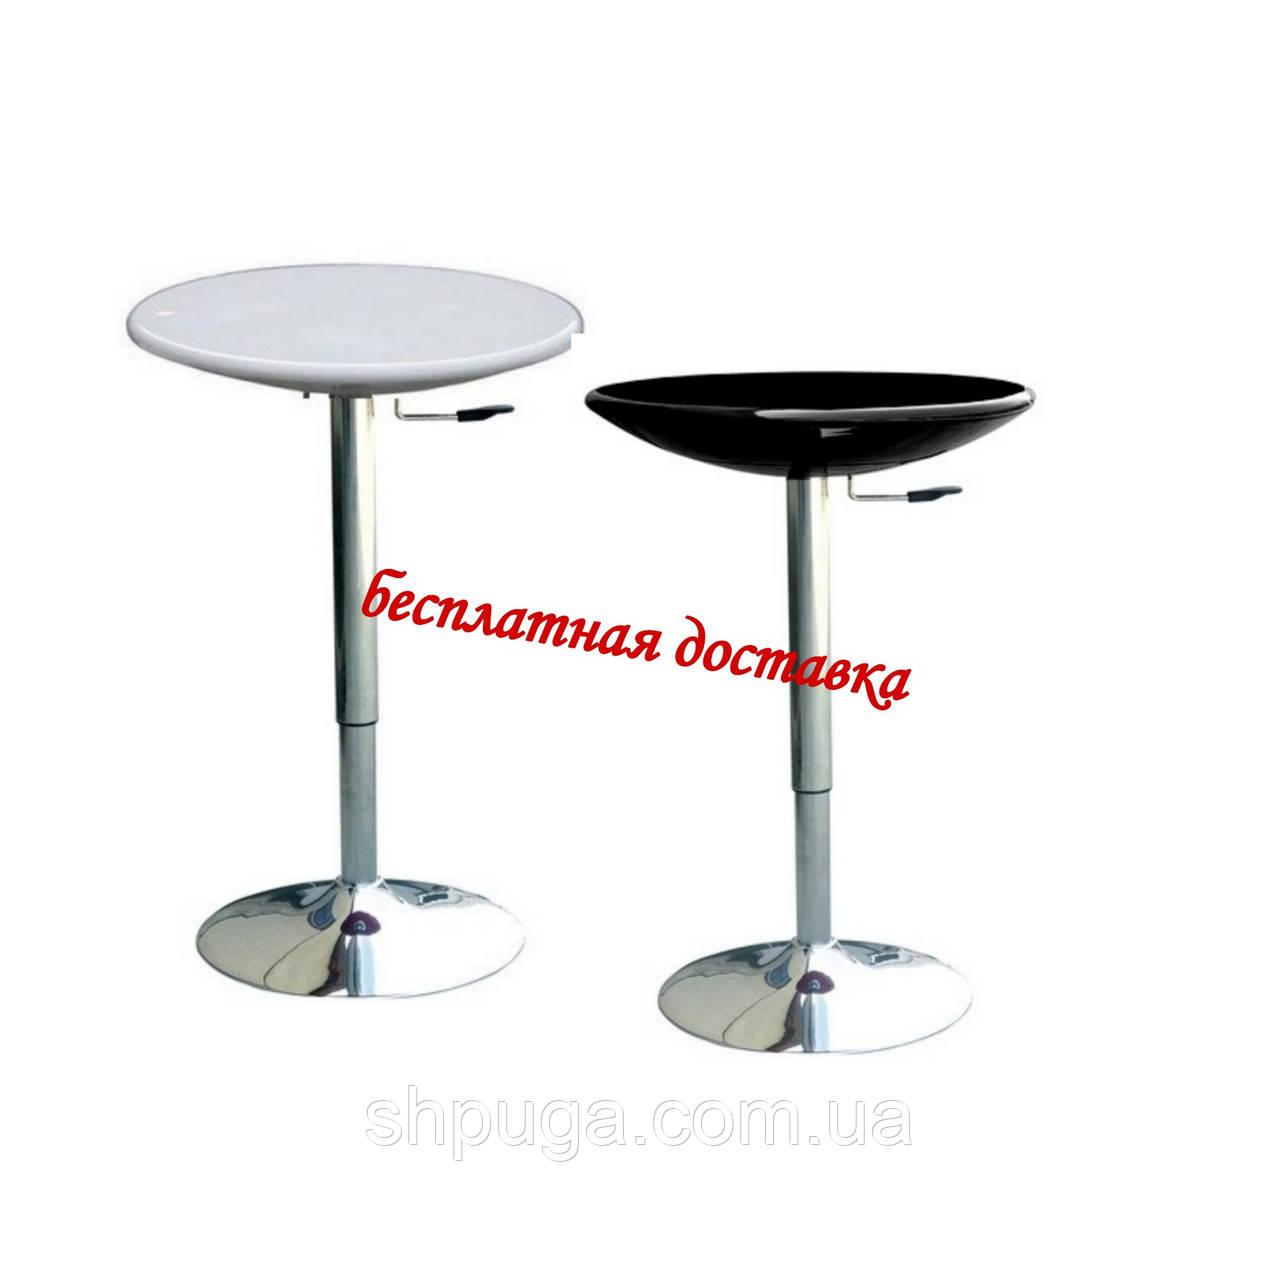 Стіл барний Аміра, регулюється по висоті, колір білий і чорний .